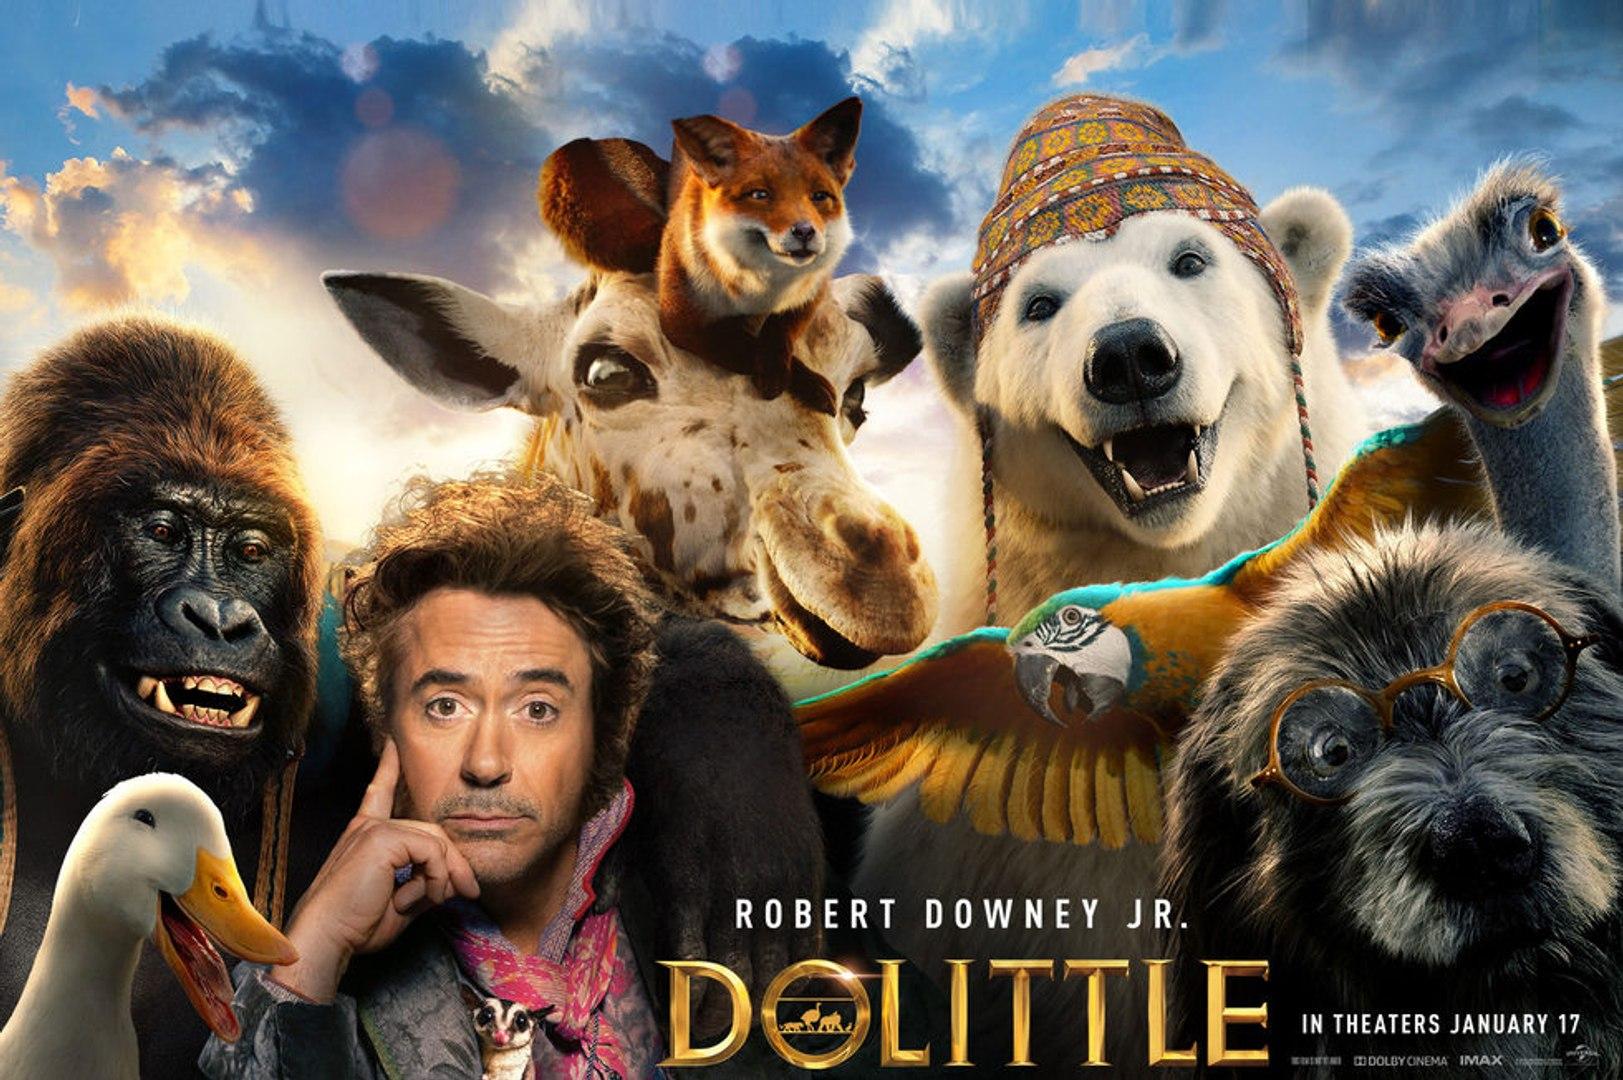 از بازسازی فیلم Dolittle با درخشش رابرت داونی چه اطلاعاتی داریم؟